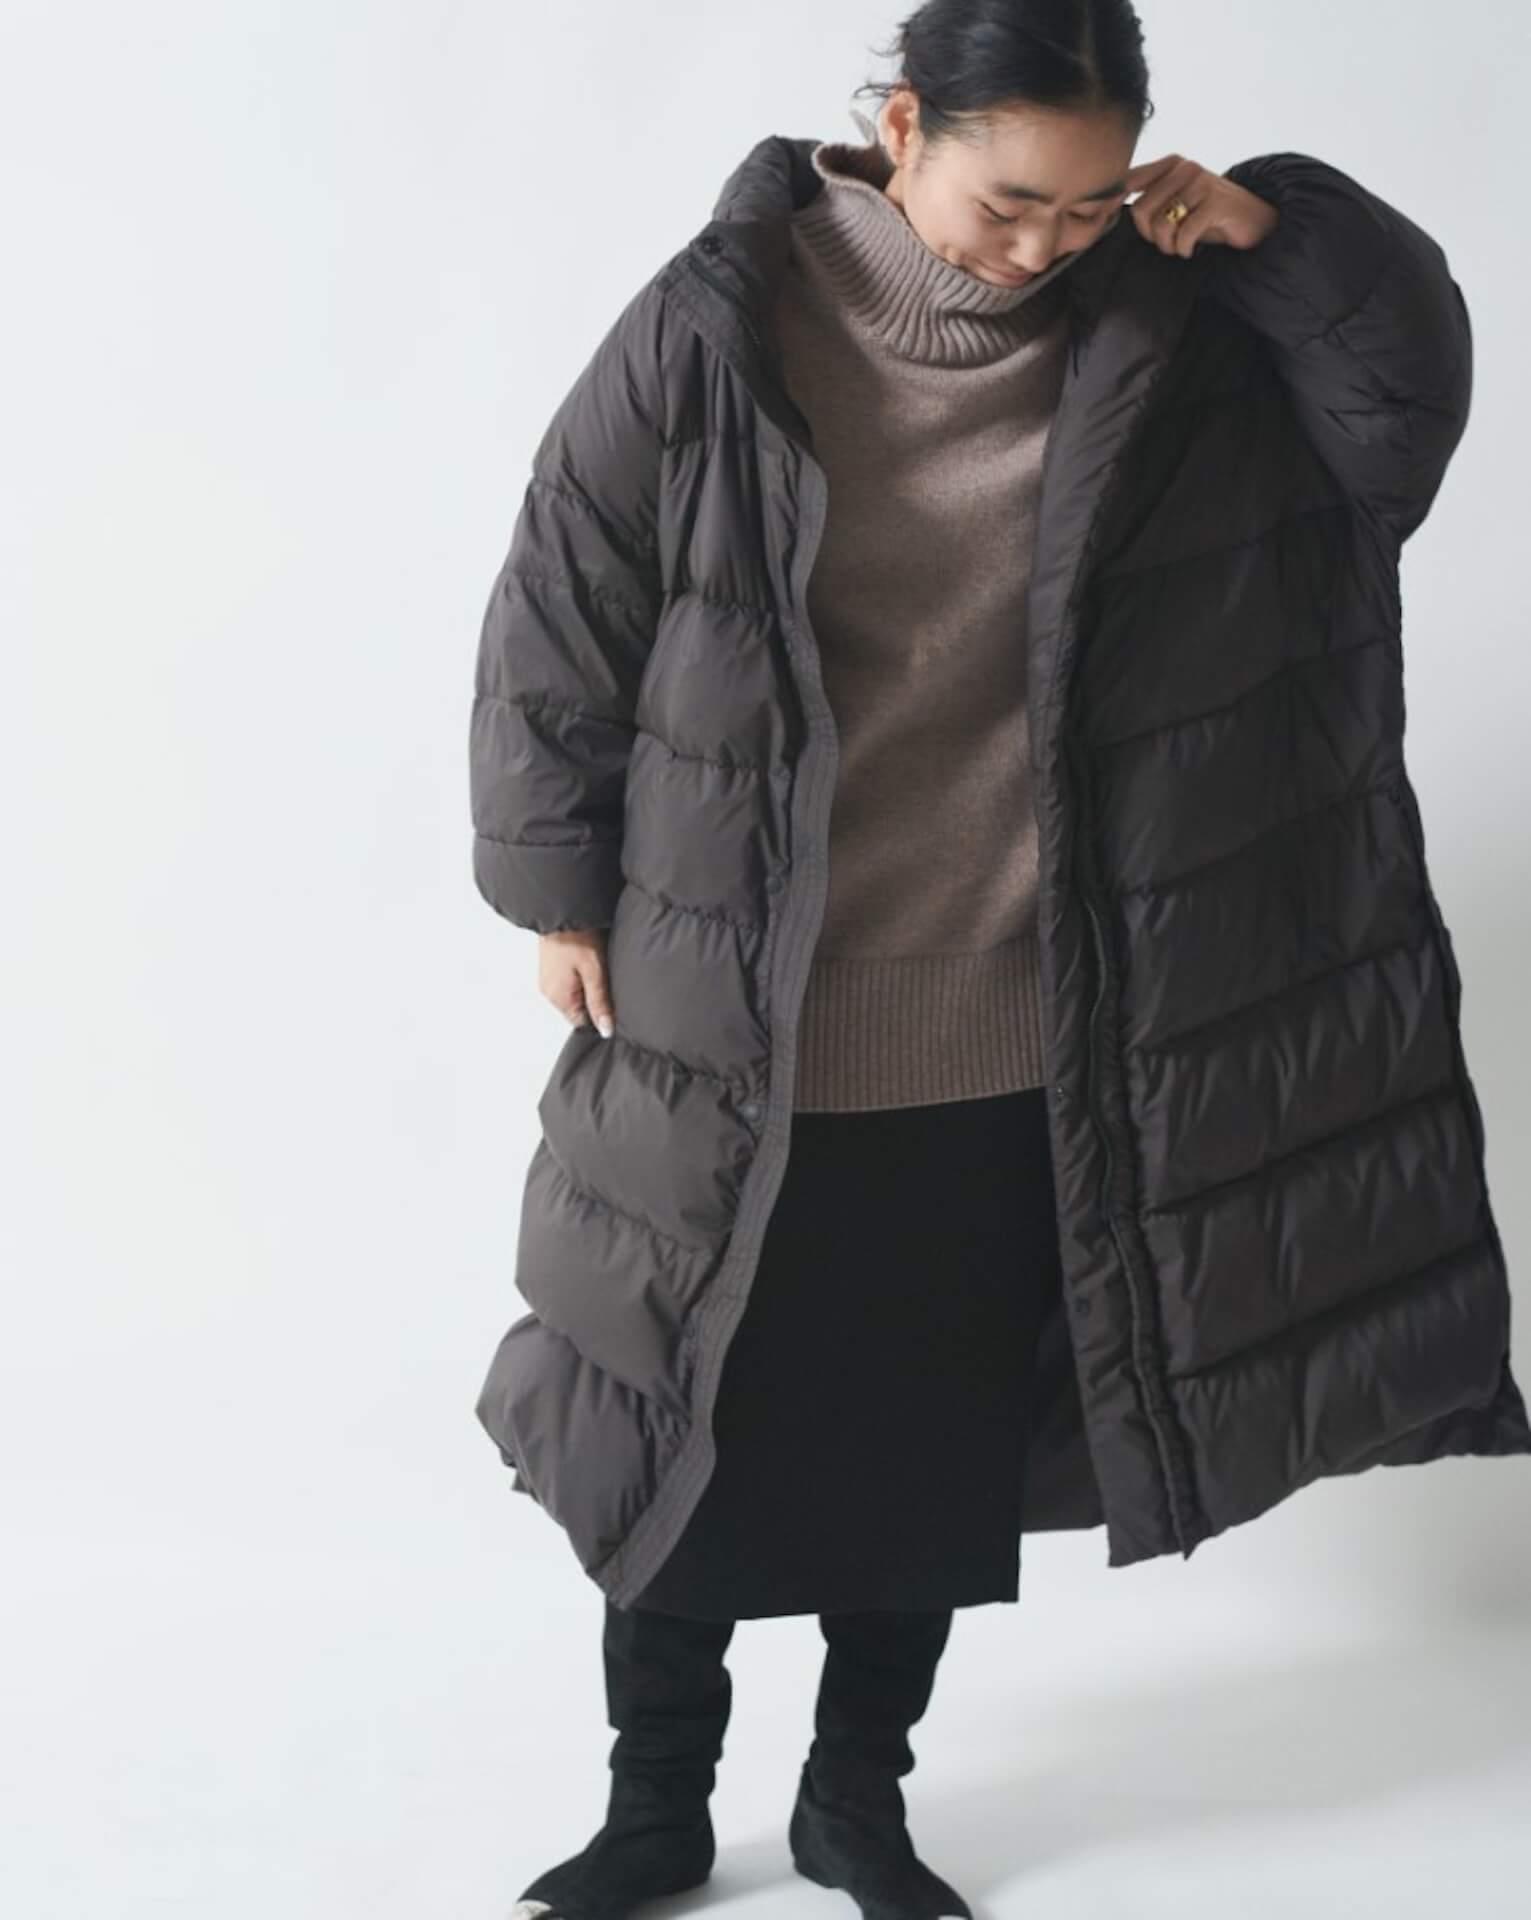 emmiから金子綾&NANGAとコラボしたダウンコートが登場!軽さと暖かさを重視したリバーシブルデザインが特徴 fashion20116_emmi_1